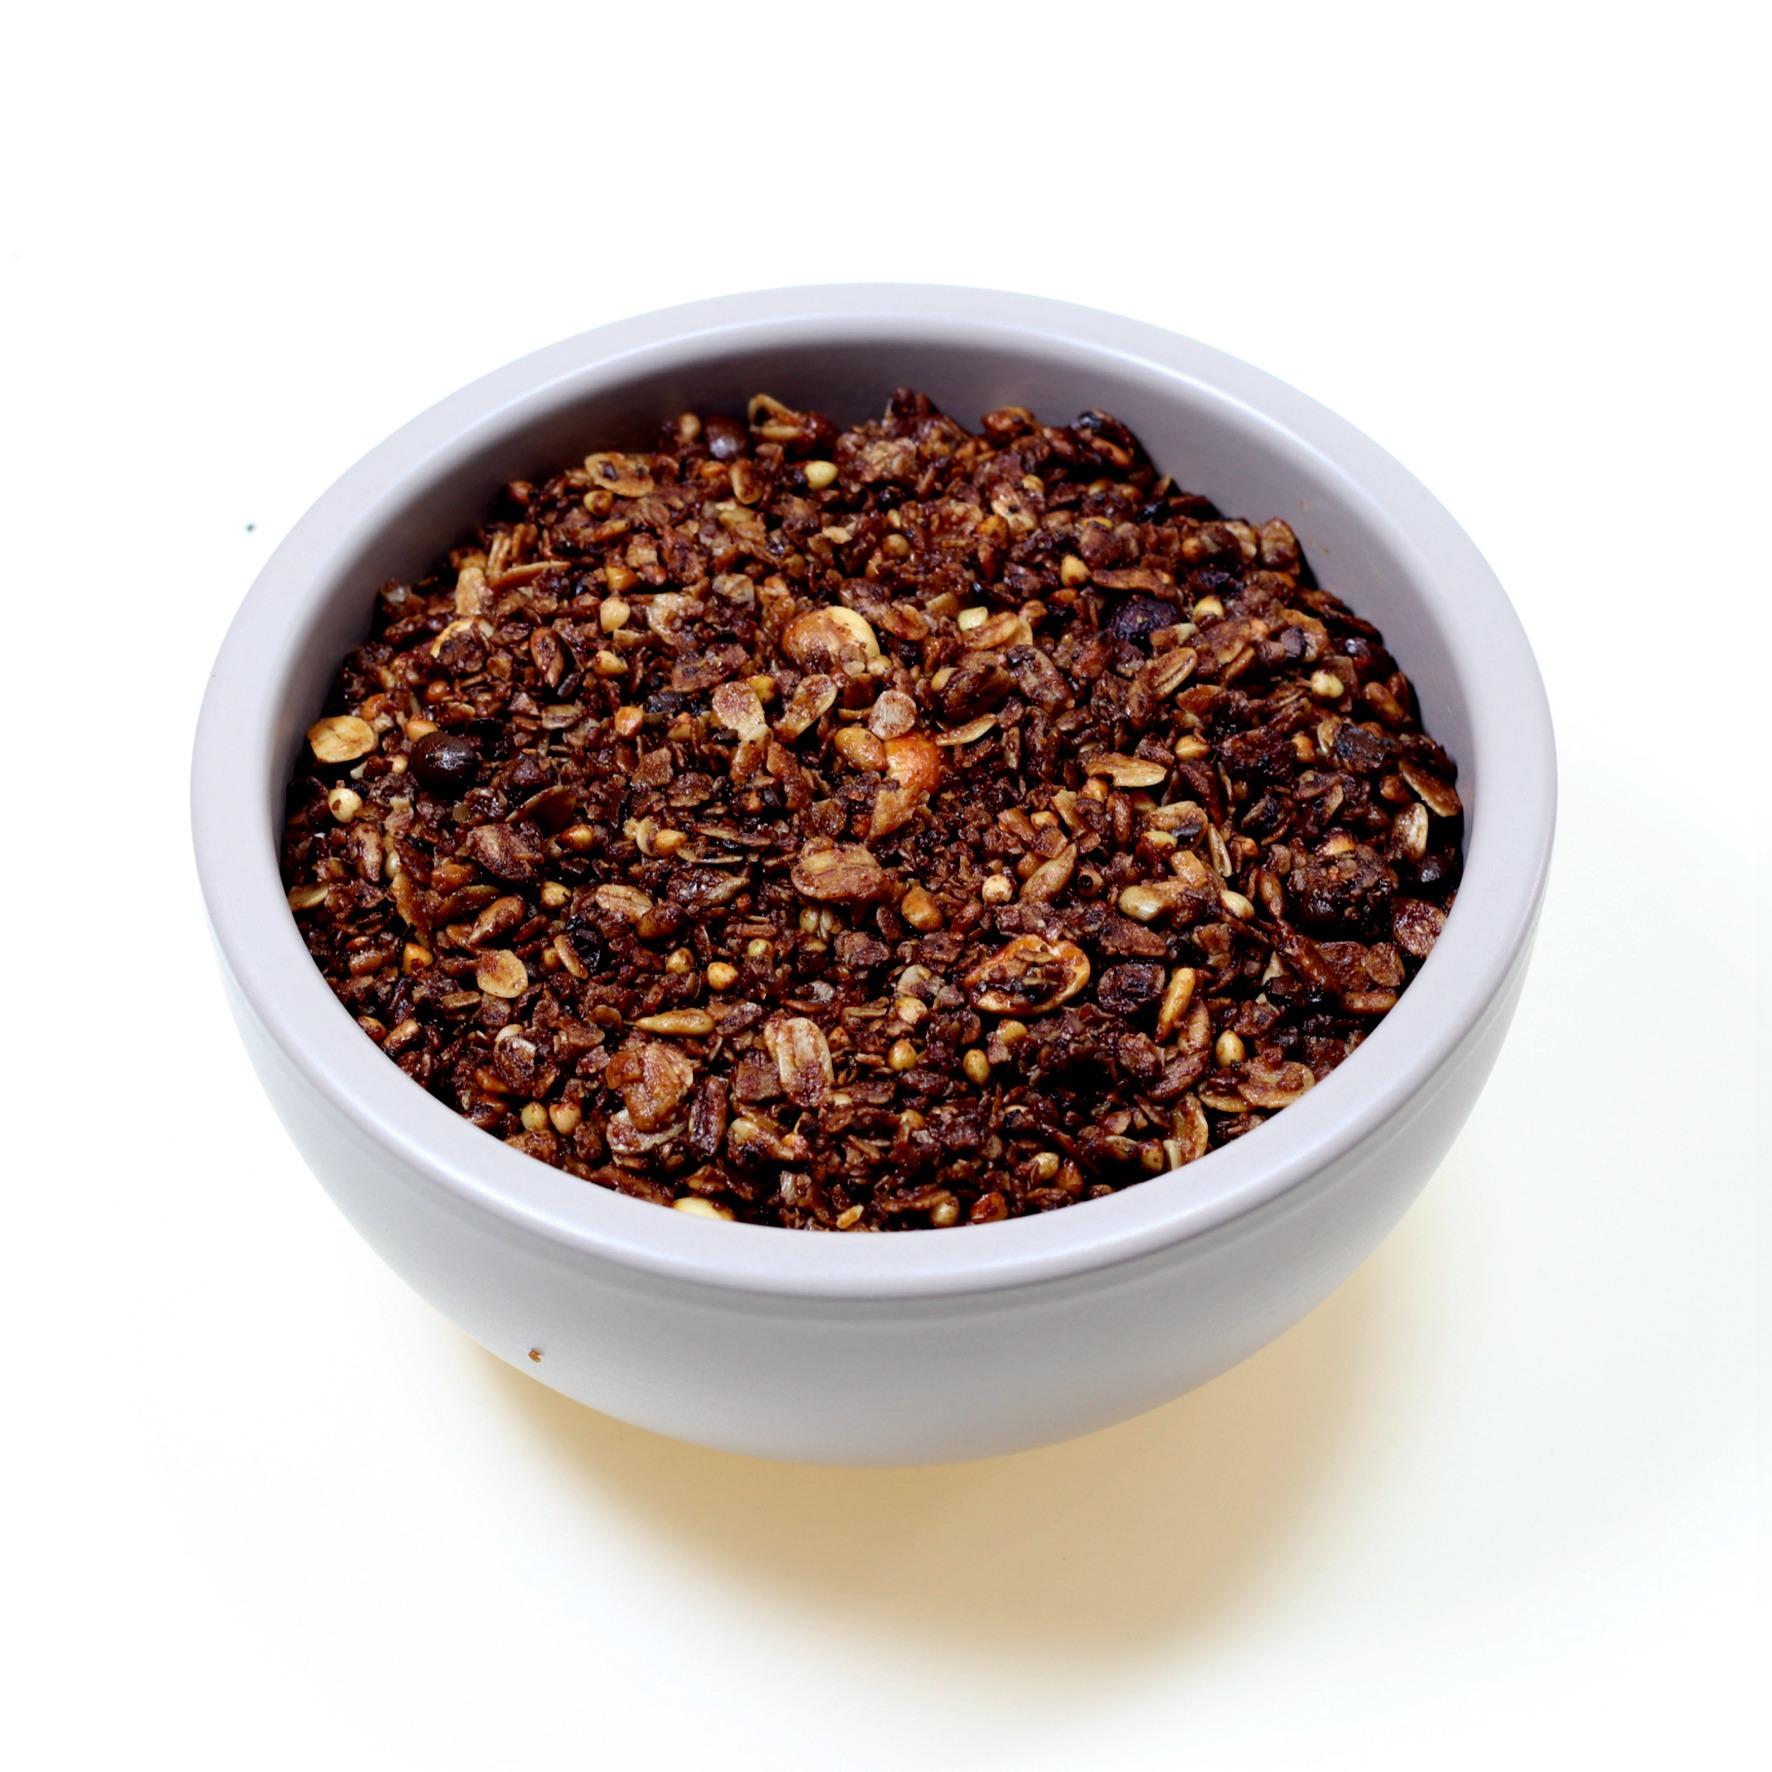 Müsli Coffee Schale | dasnaschwerk